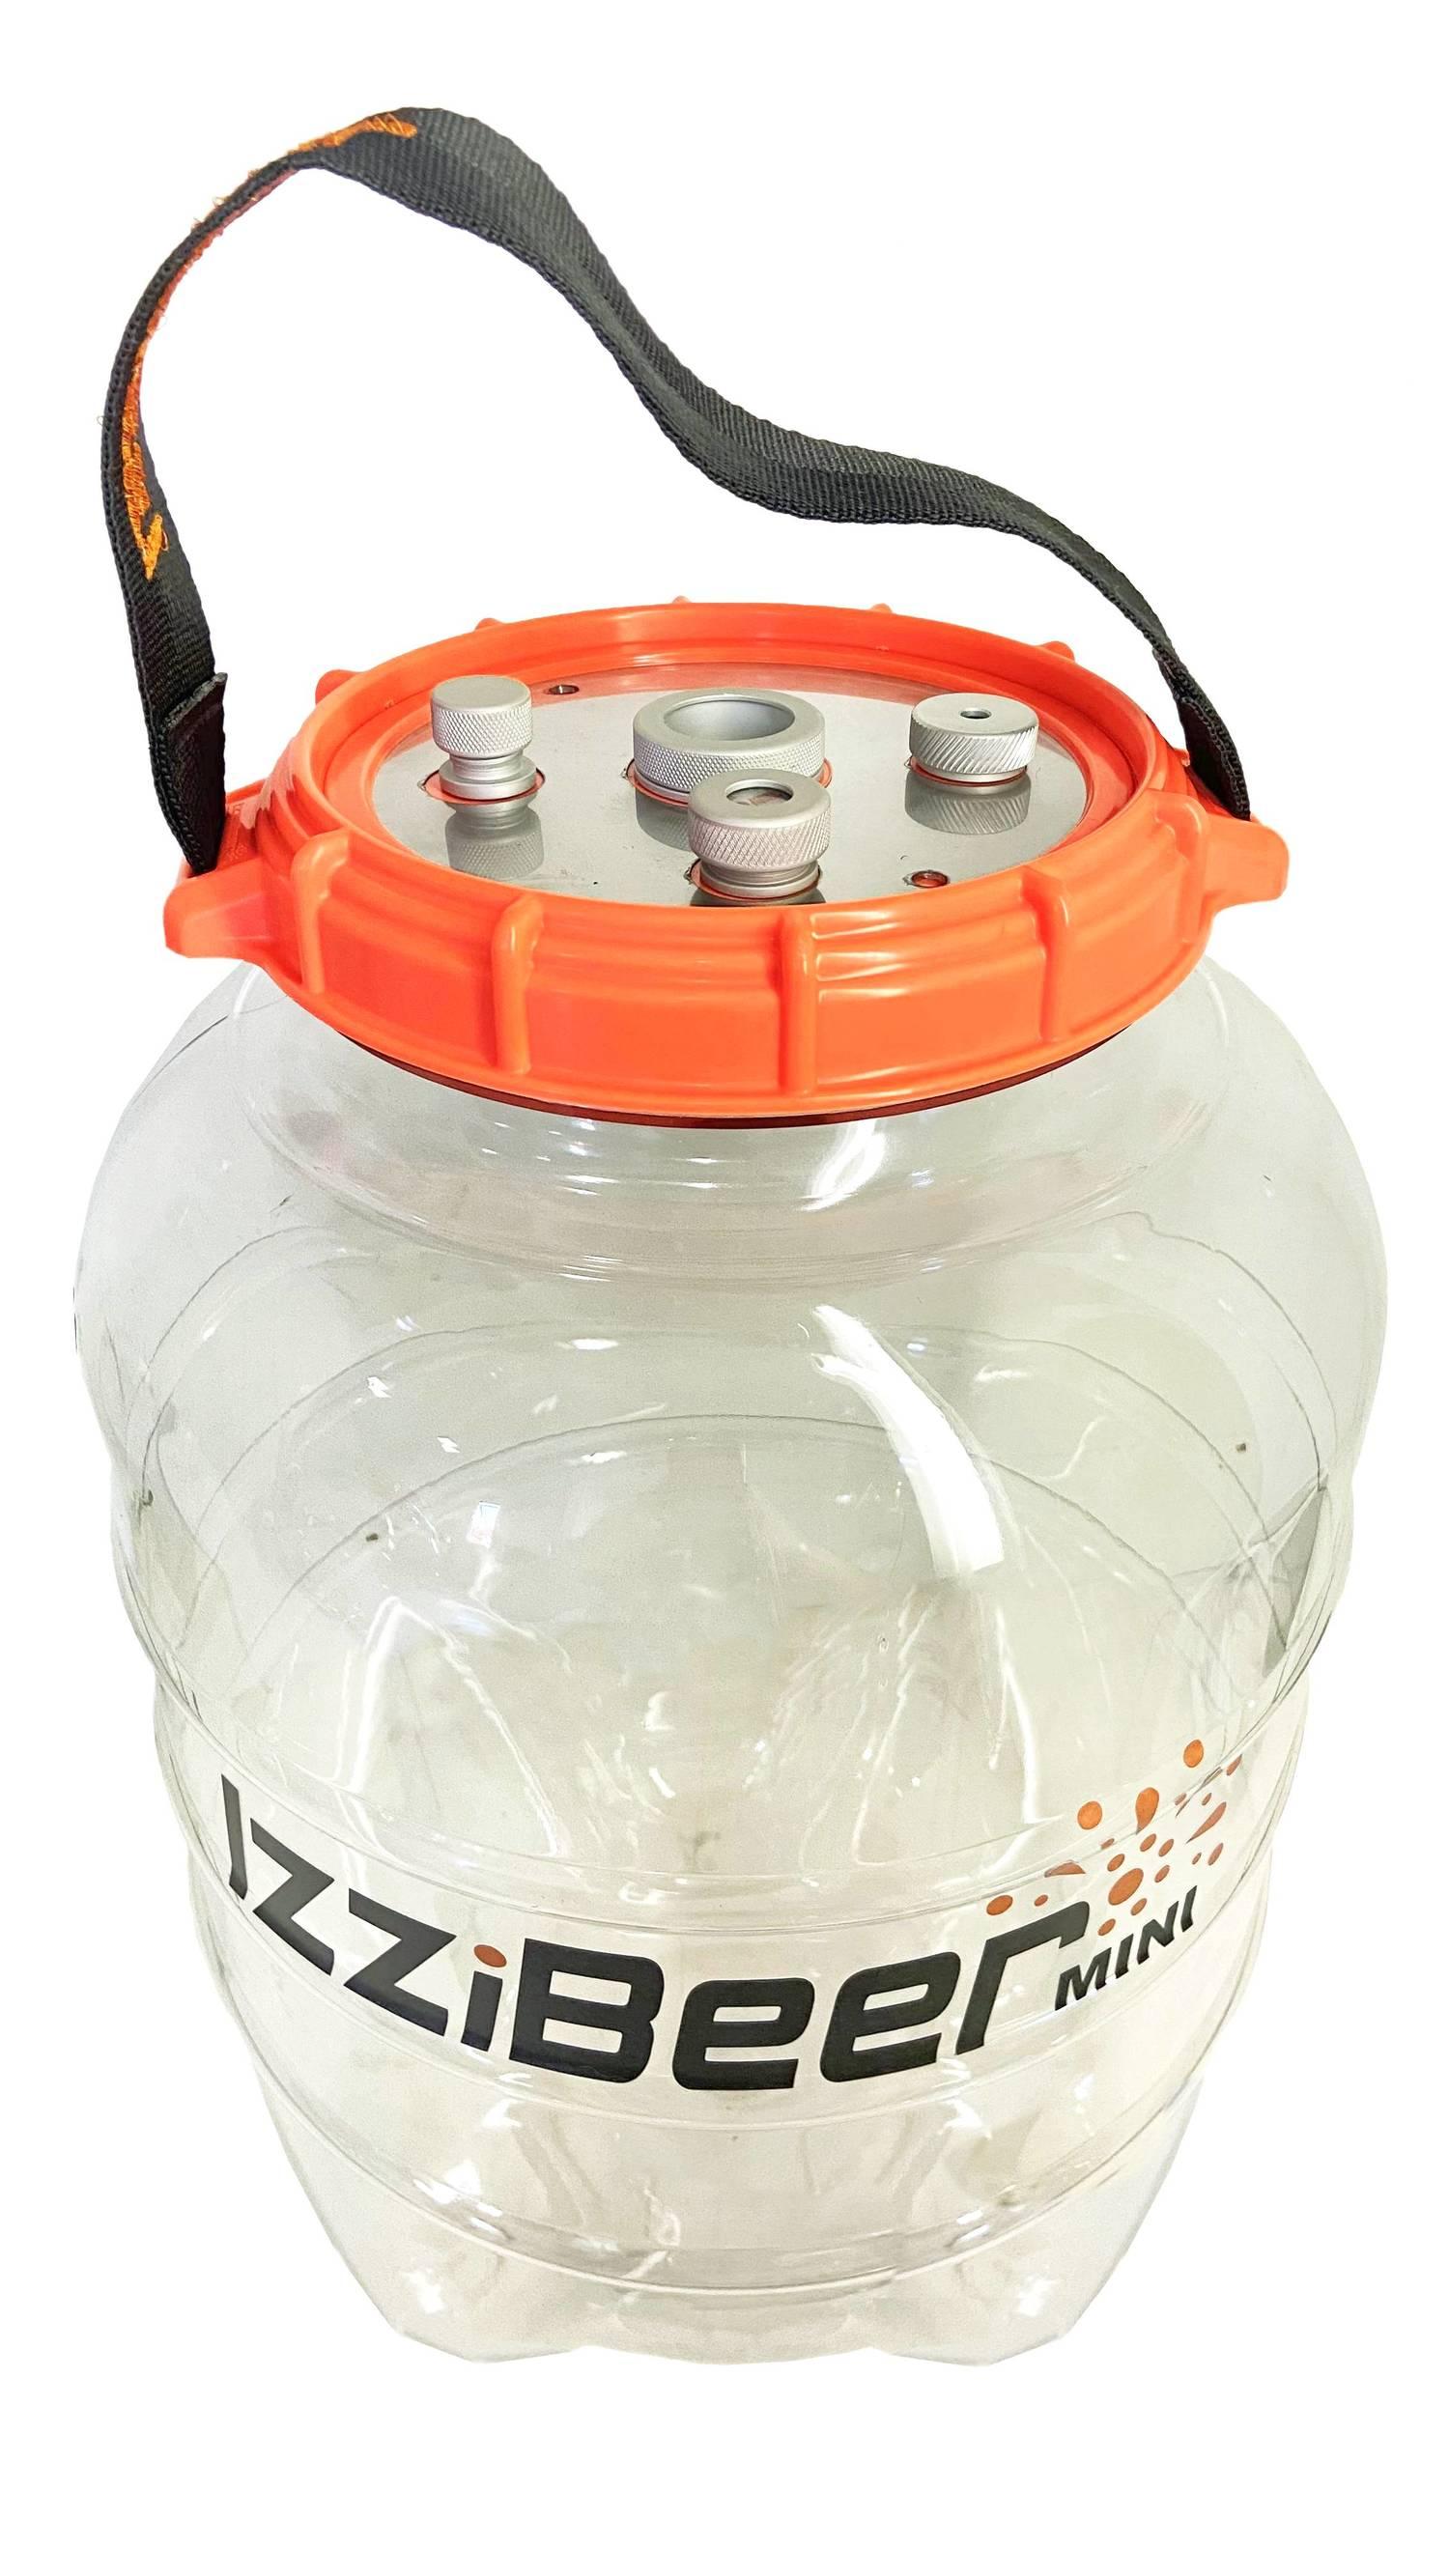 Fermentador Cerveja Izzibeer Advanced Mini 20 Litros